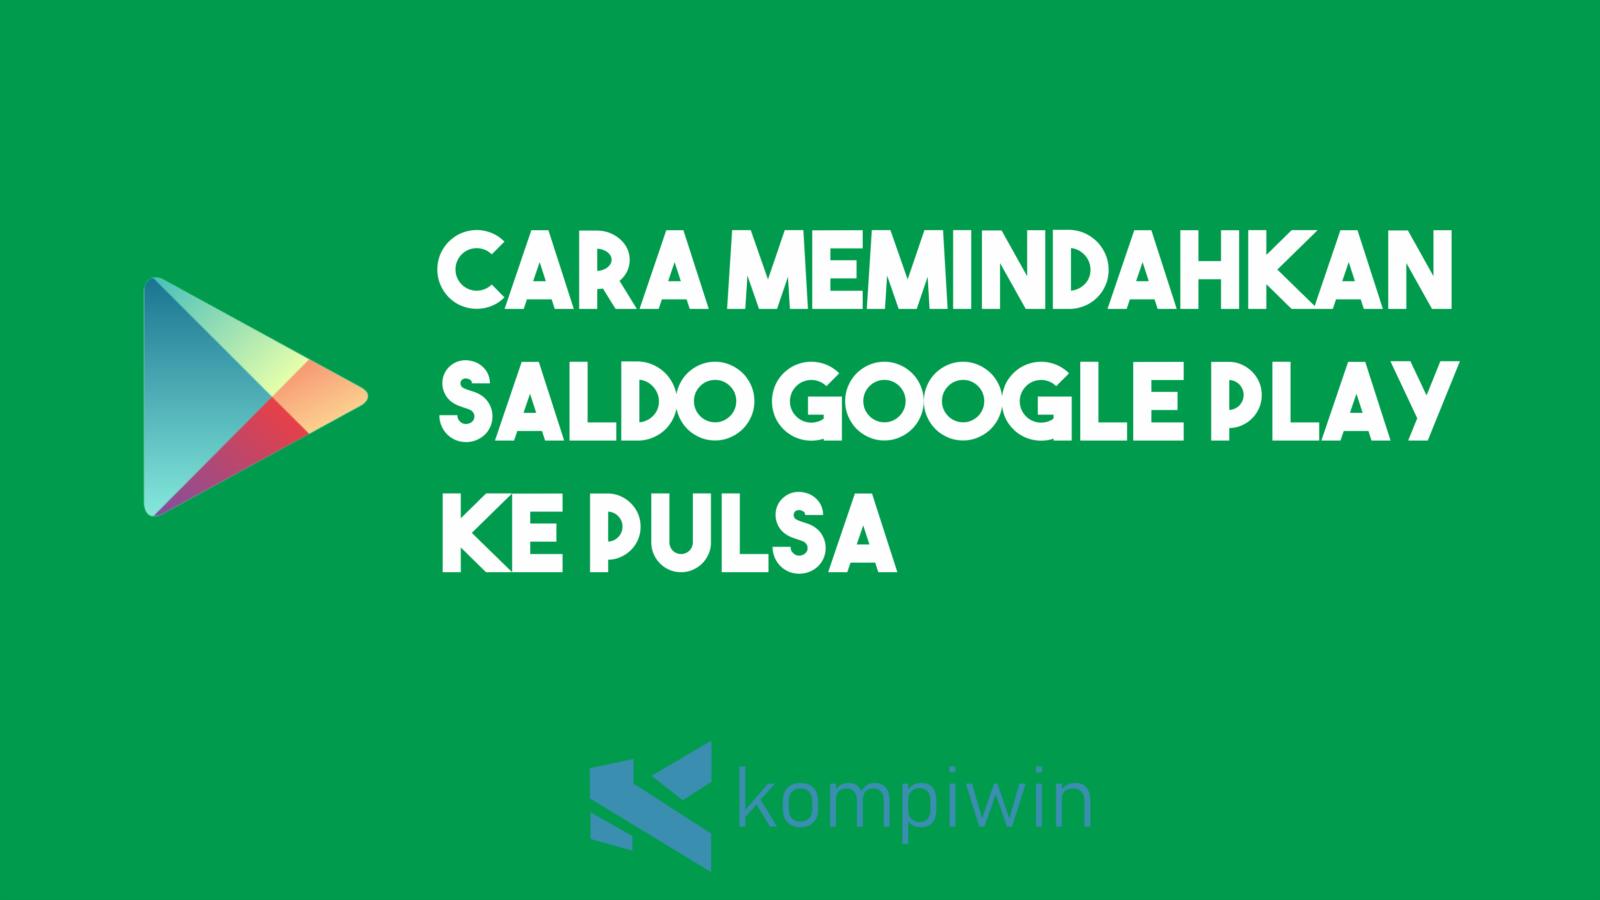 Cara Memindahkan Saldo Google Play Ke Pulsa 7